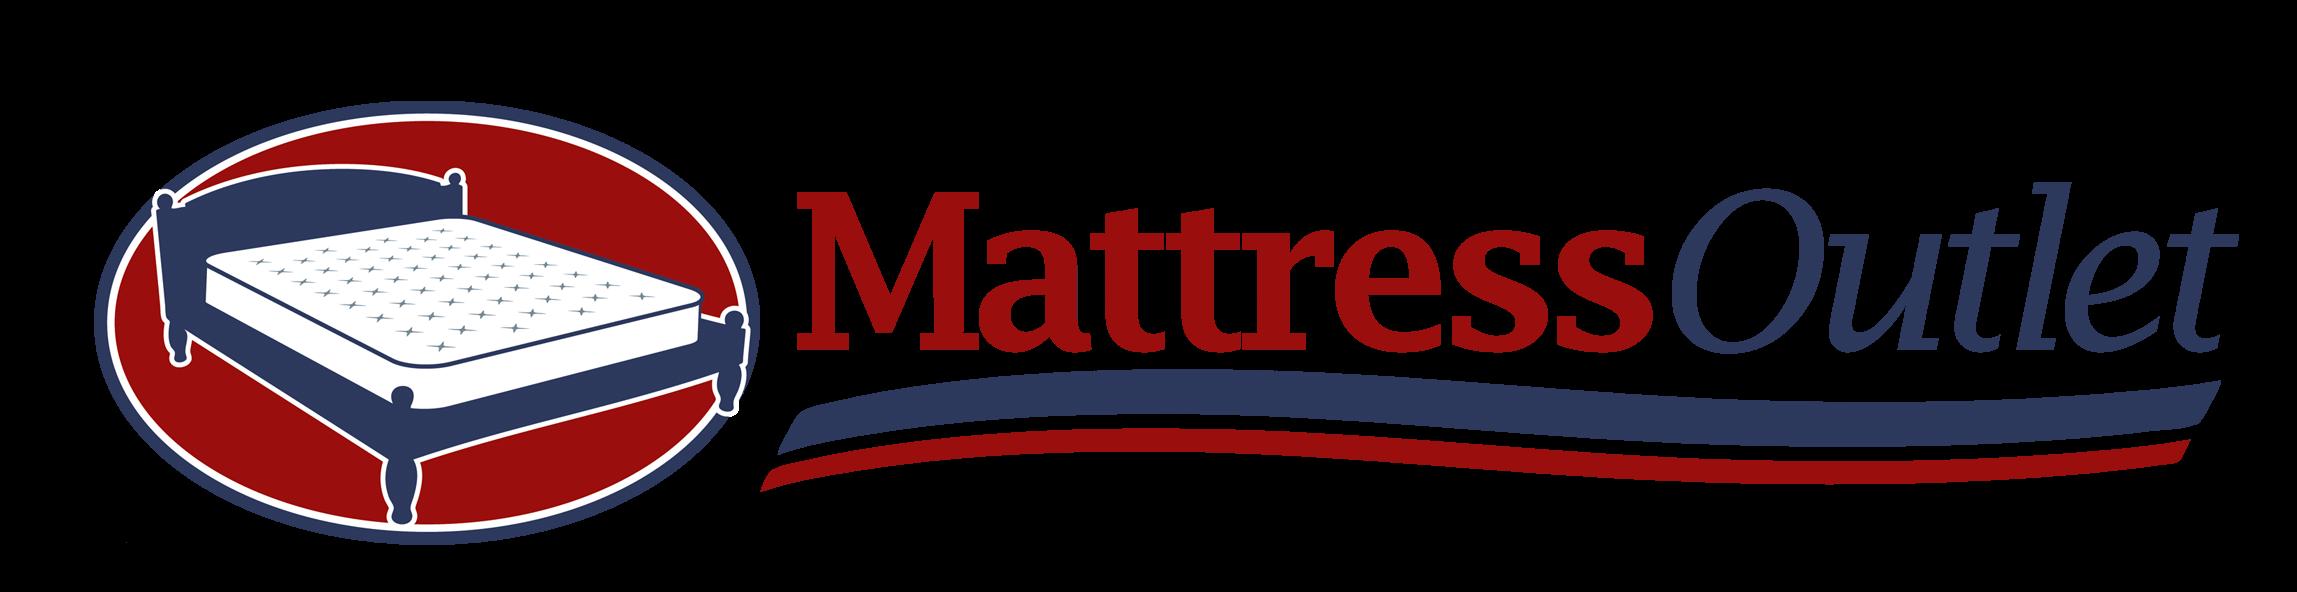 Mattress Outlet logo